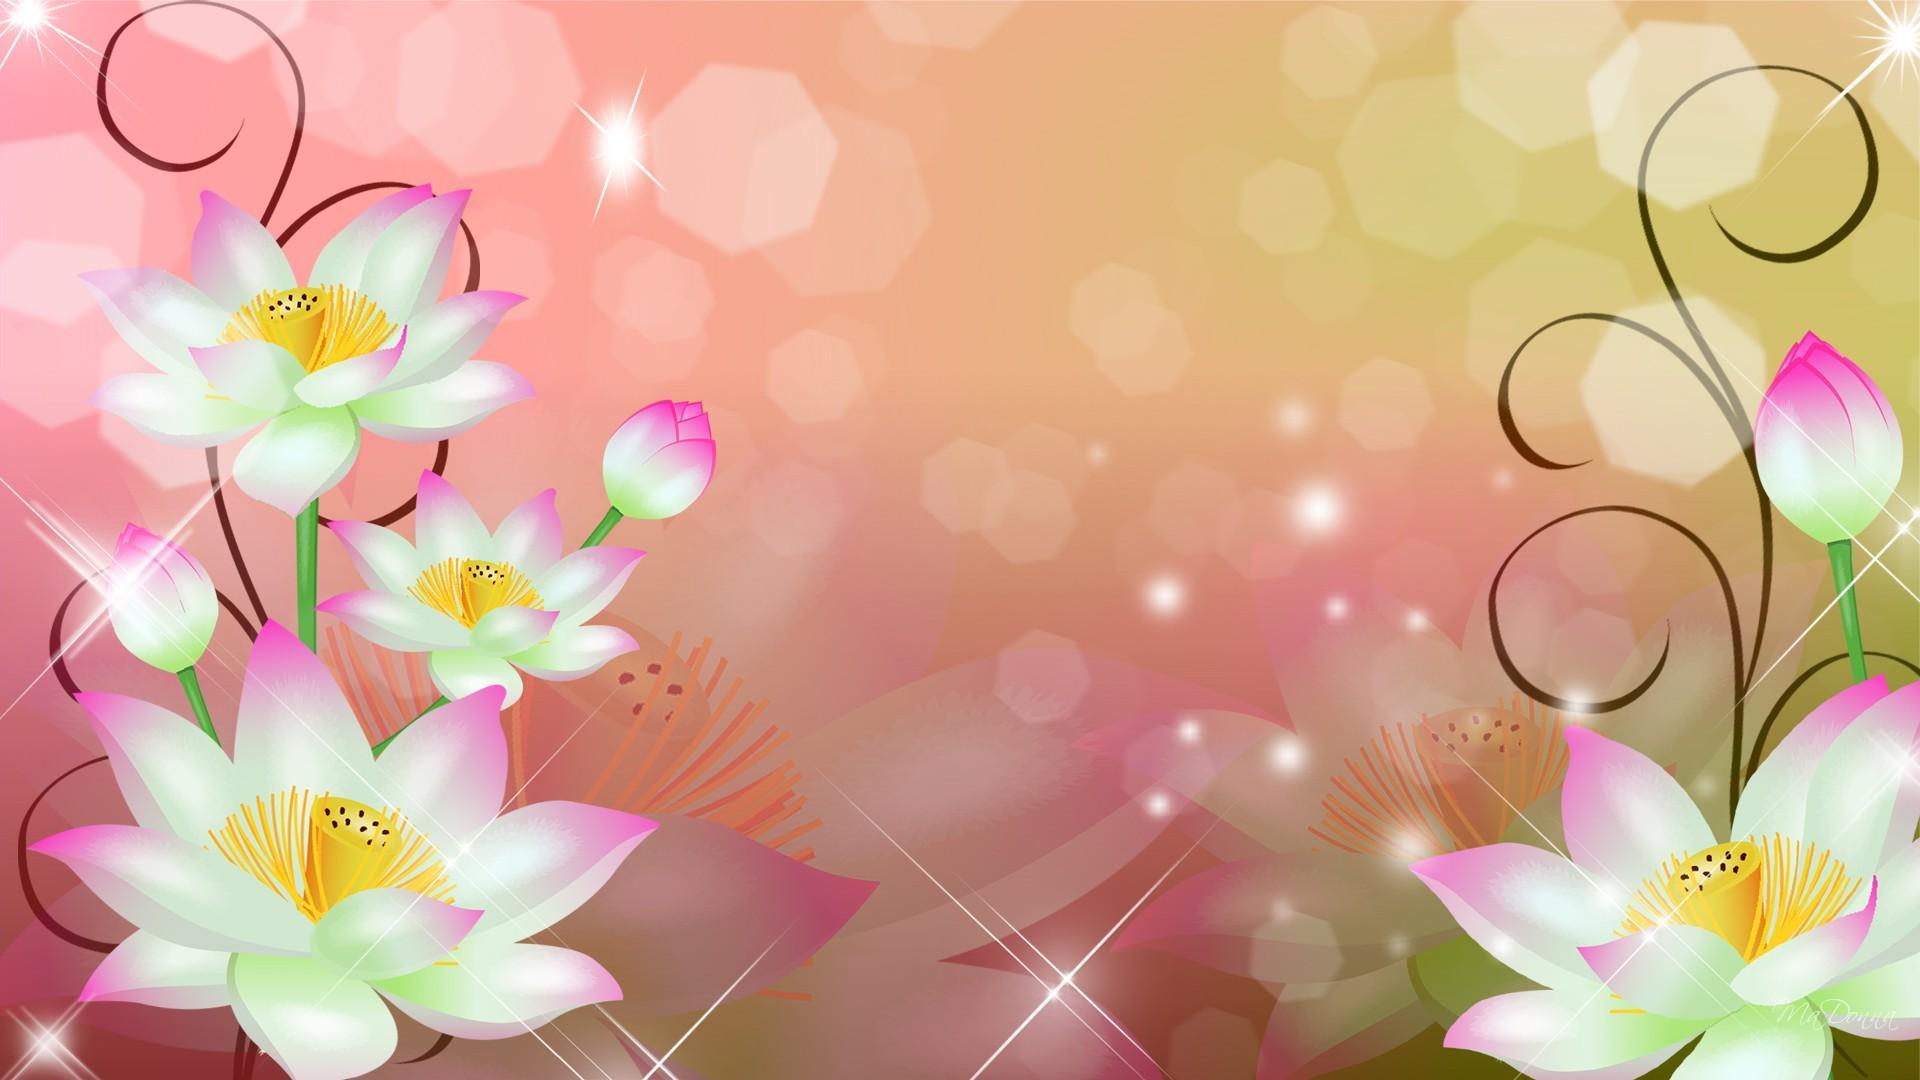 Abstract Design Flower Wallpaper: Beautiful White Flowers Abstract HD Wallpaper Image